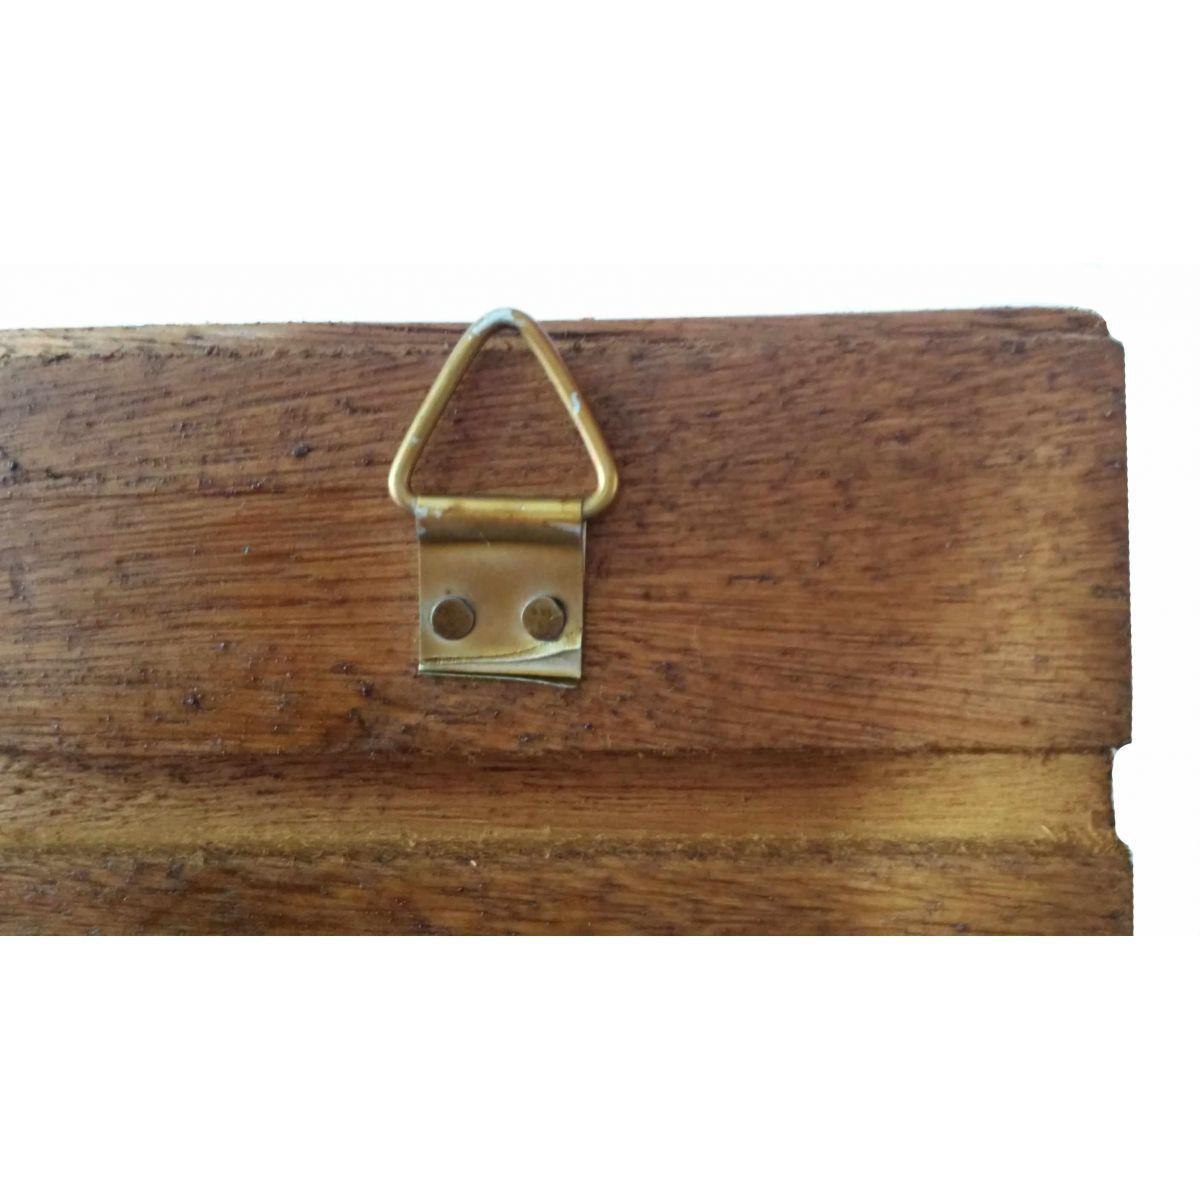 Cabide Artesanal com Madeira Pendurador de Roupas e Toalhas Gancho